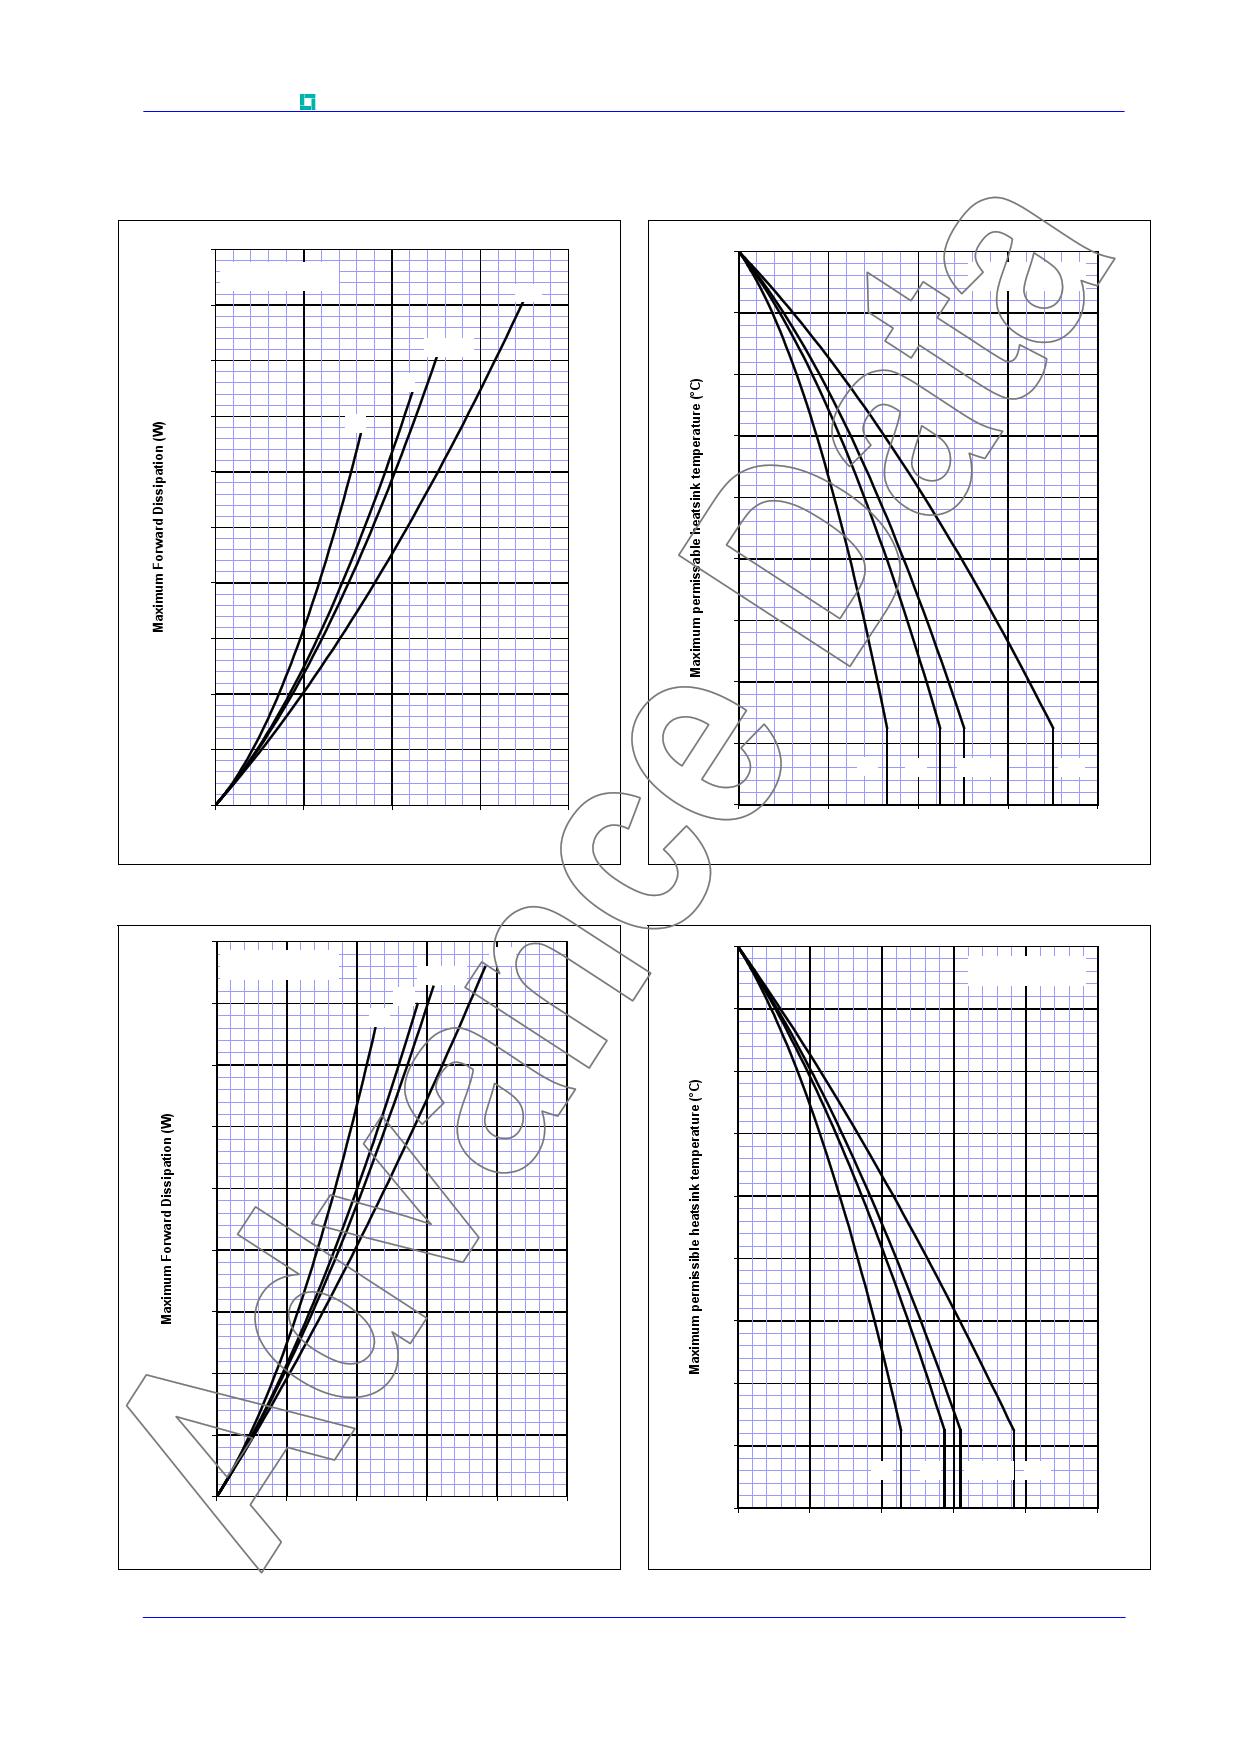 W4693QK050 pdf, 数据表